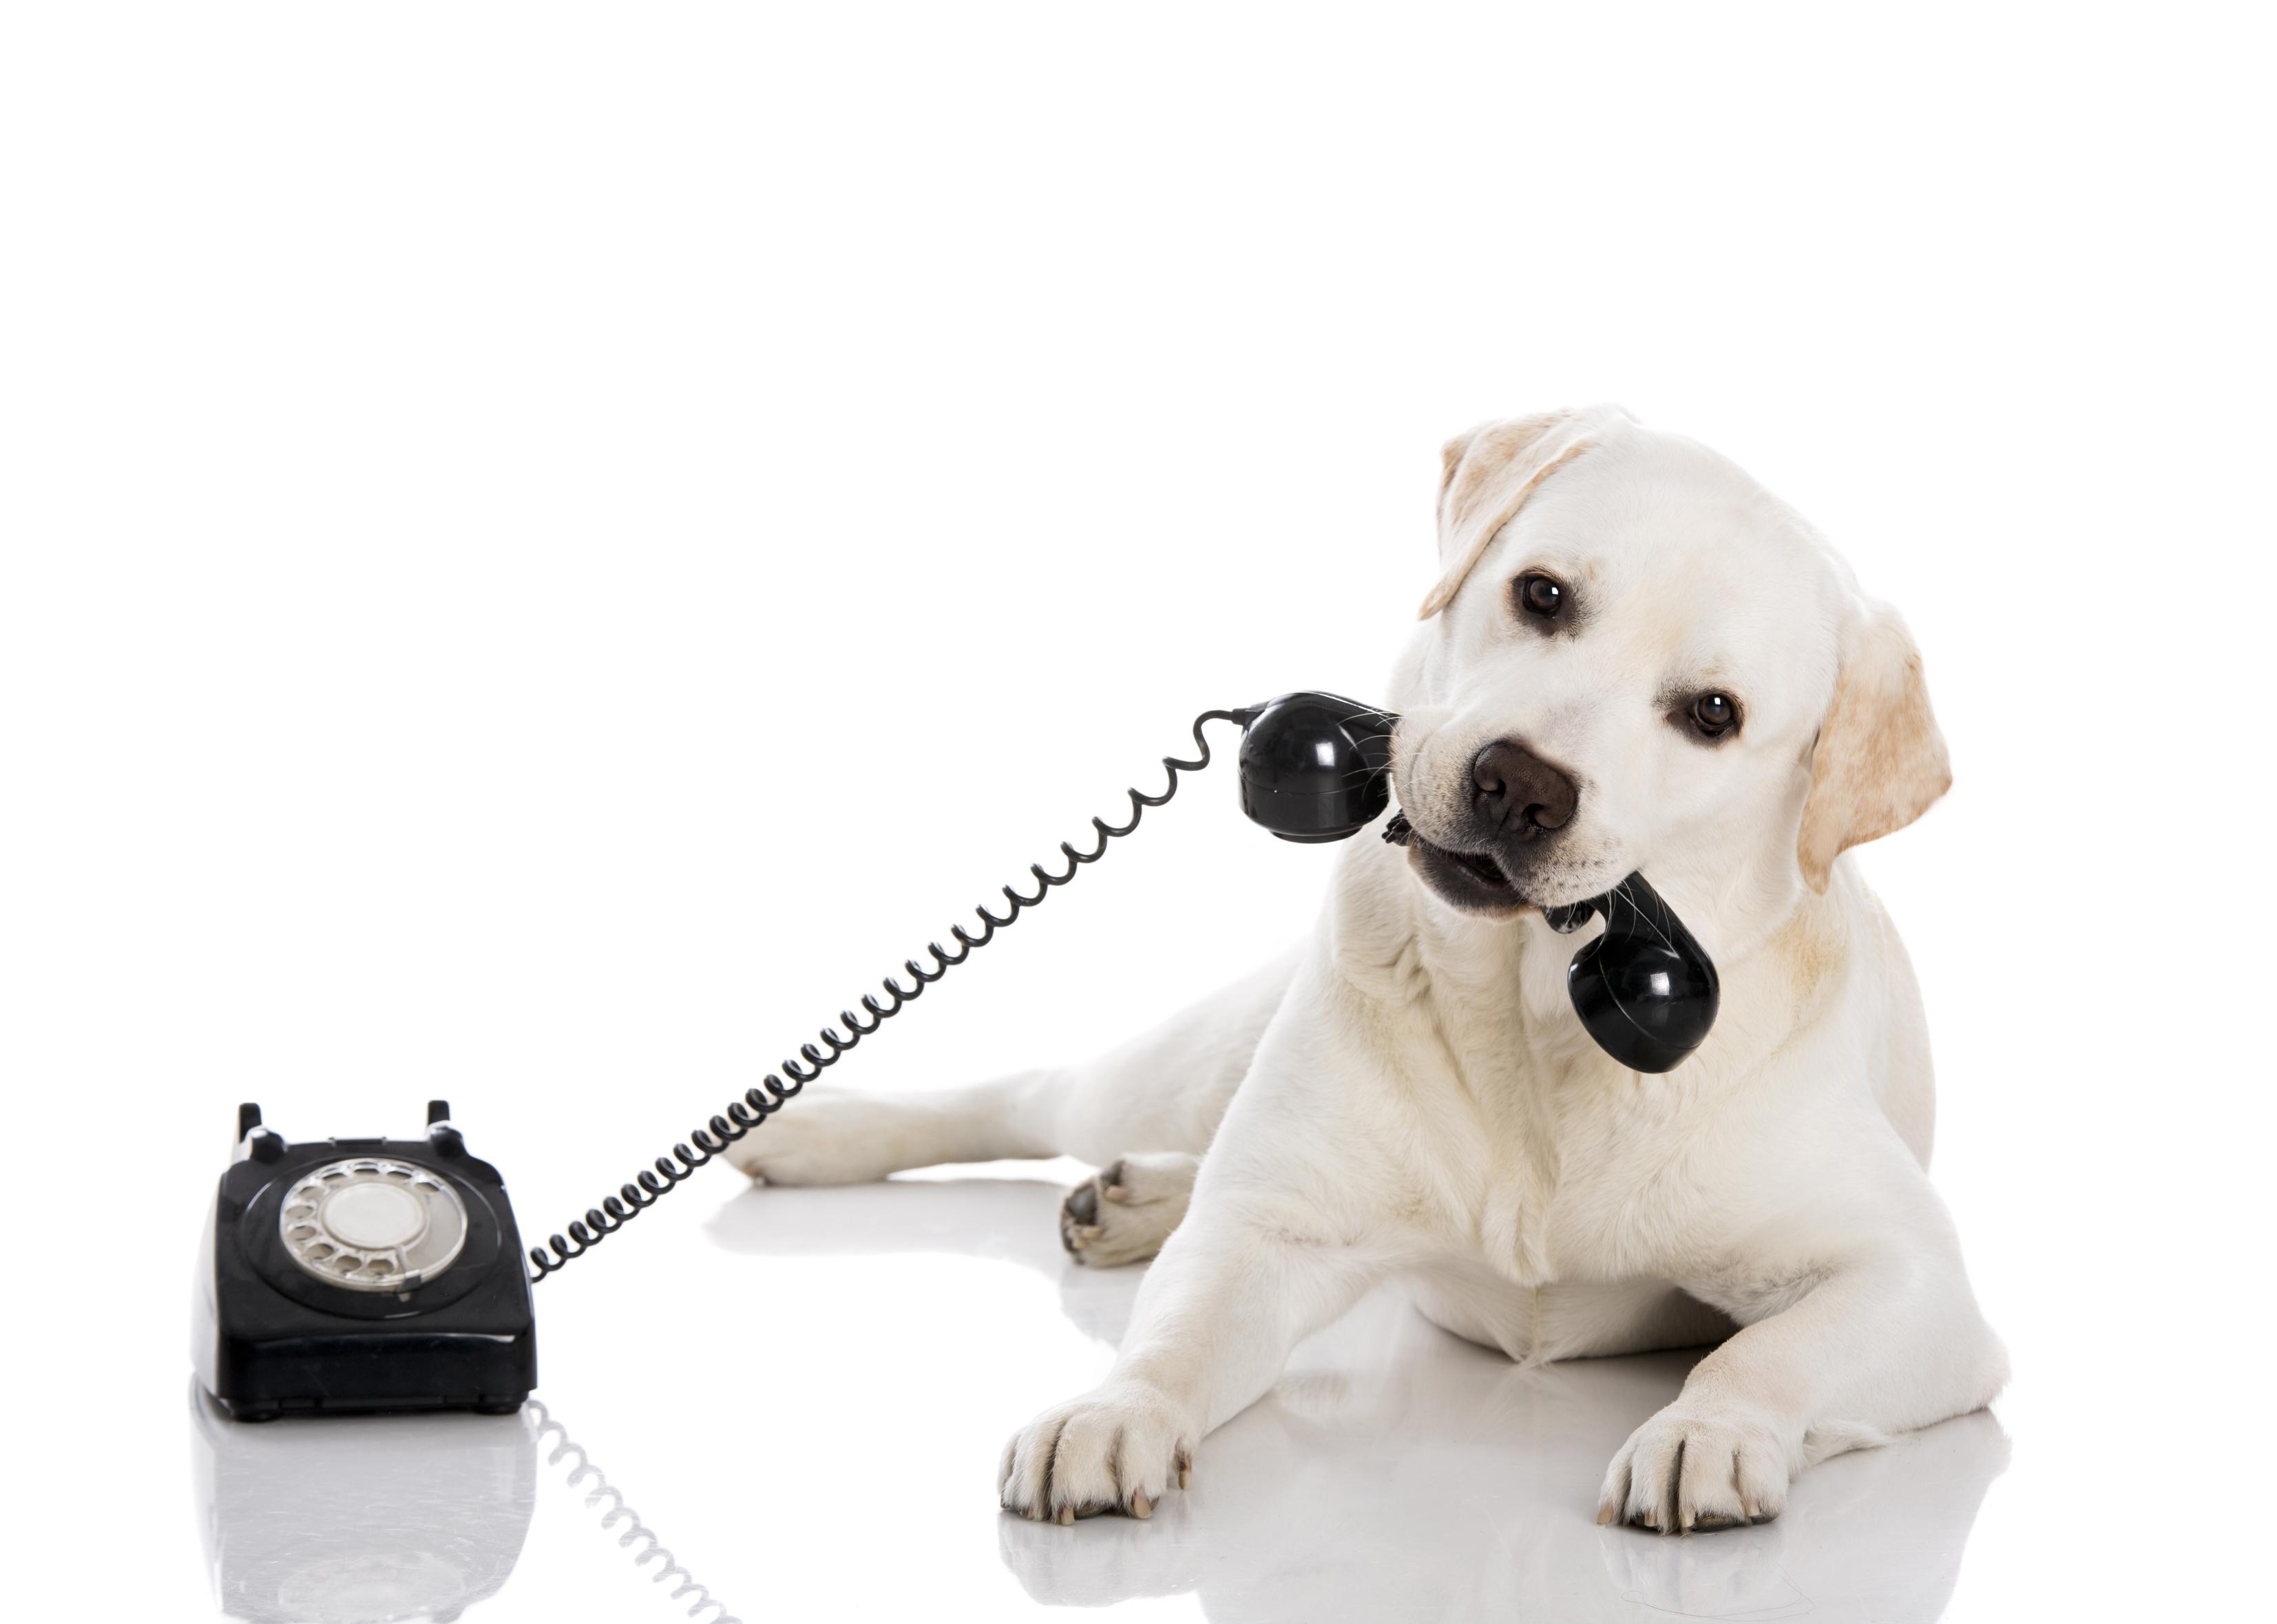 Portrait of a labrador retriever holding a telefone with mouth